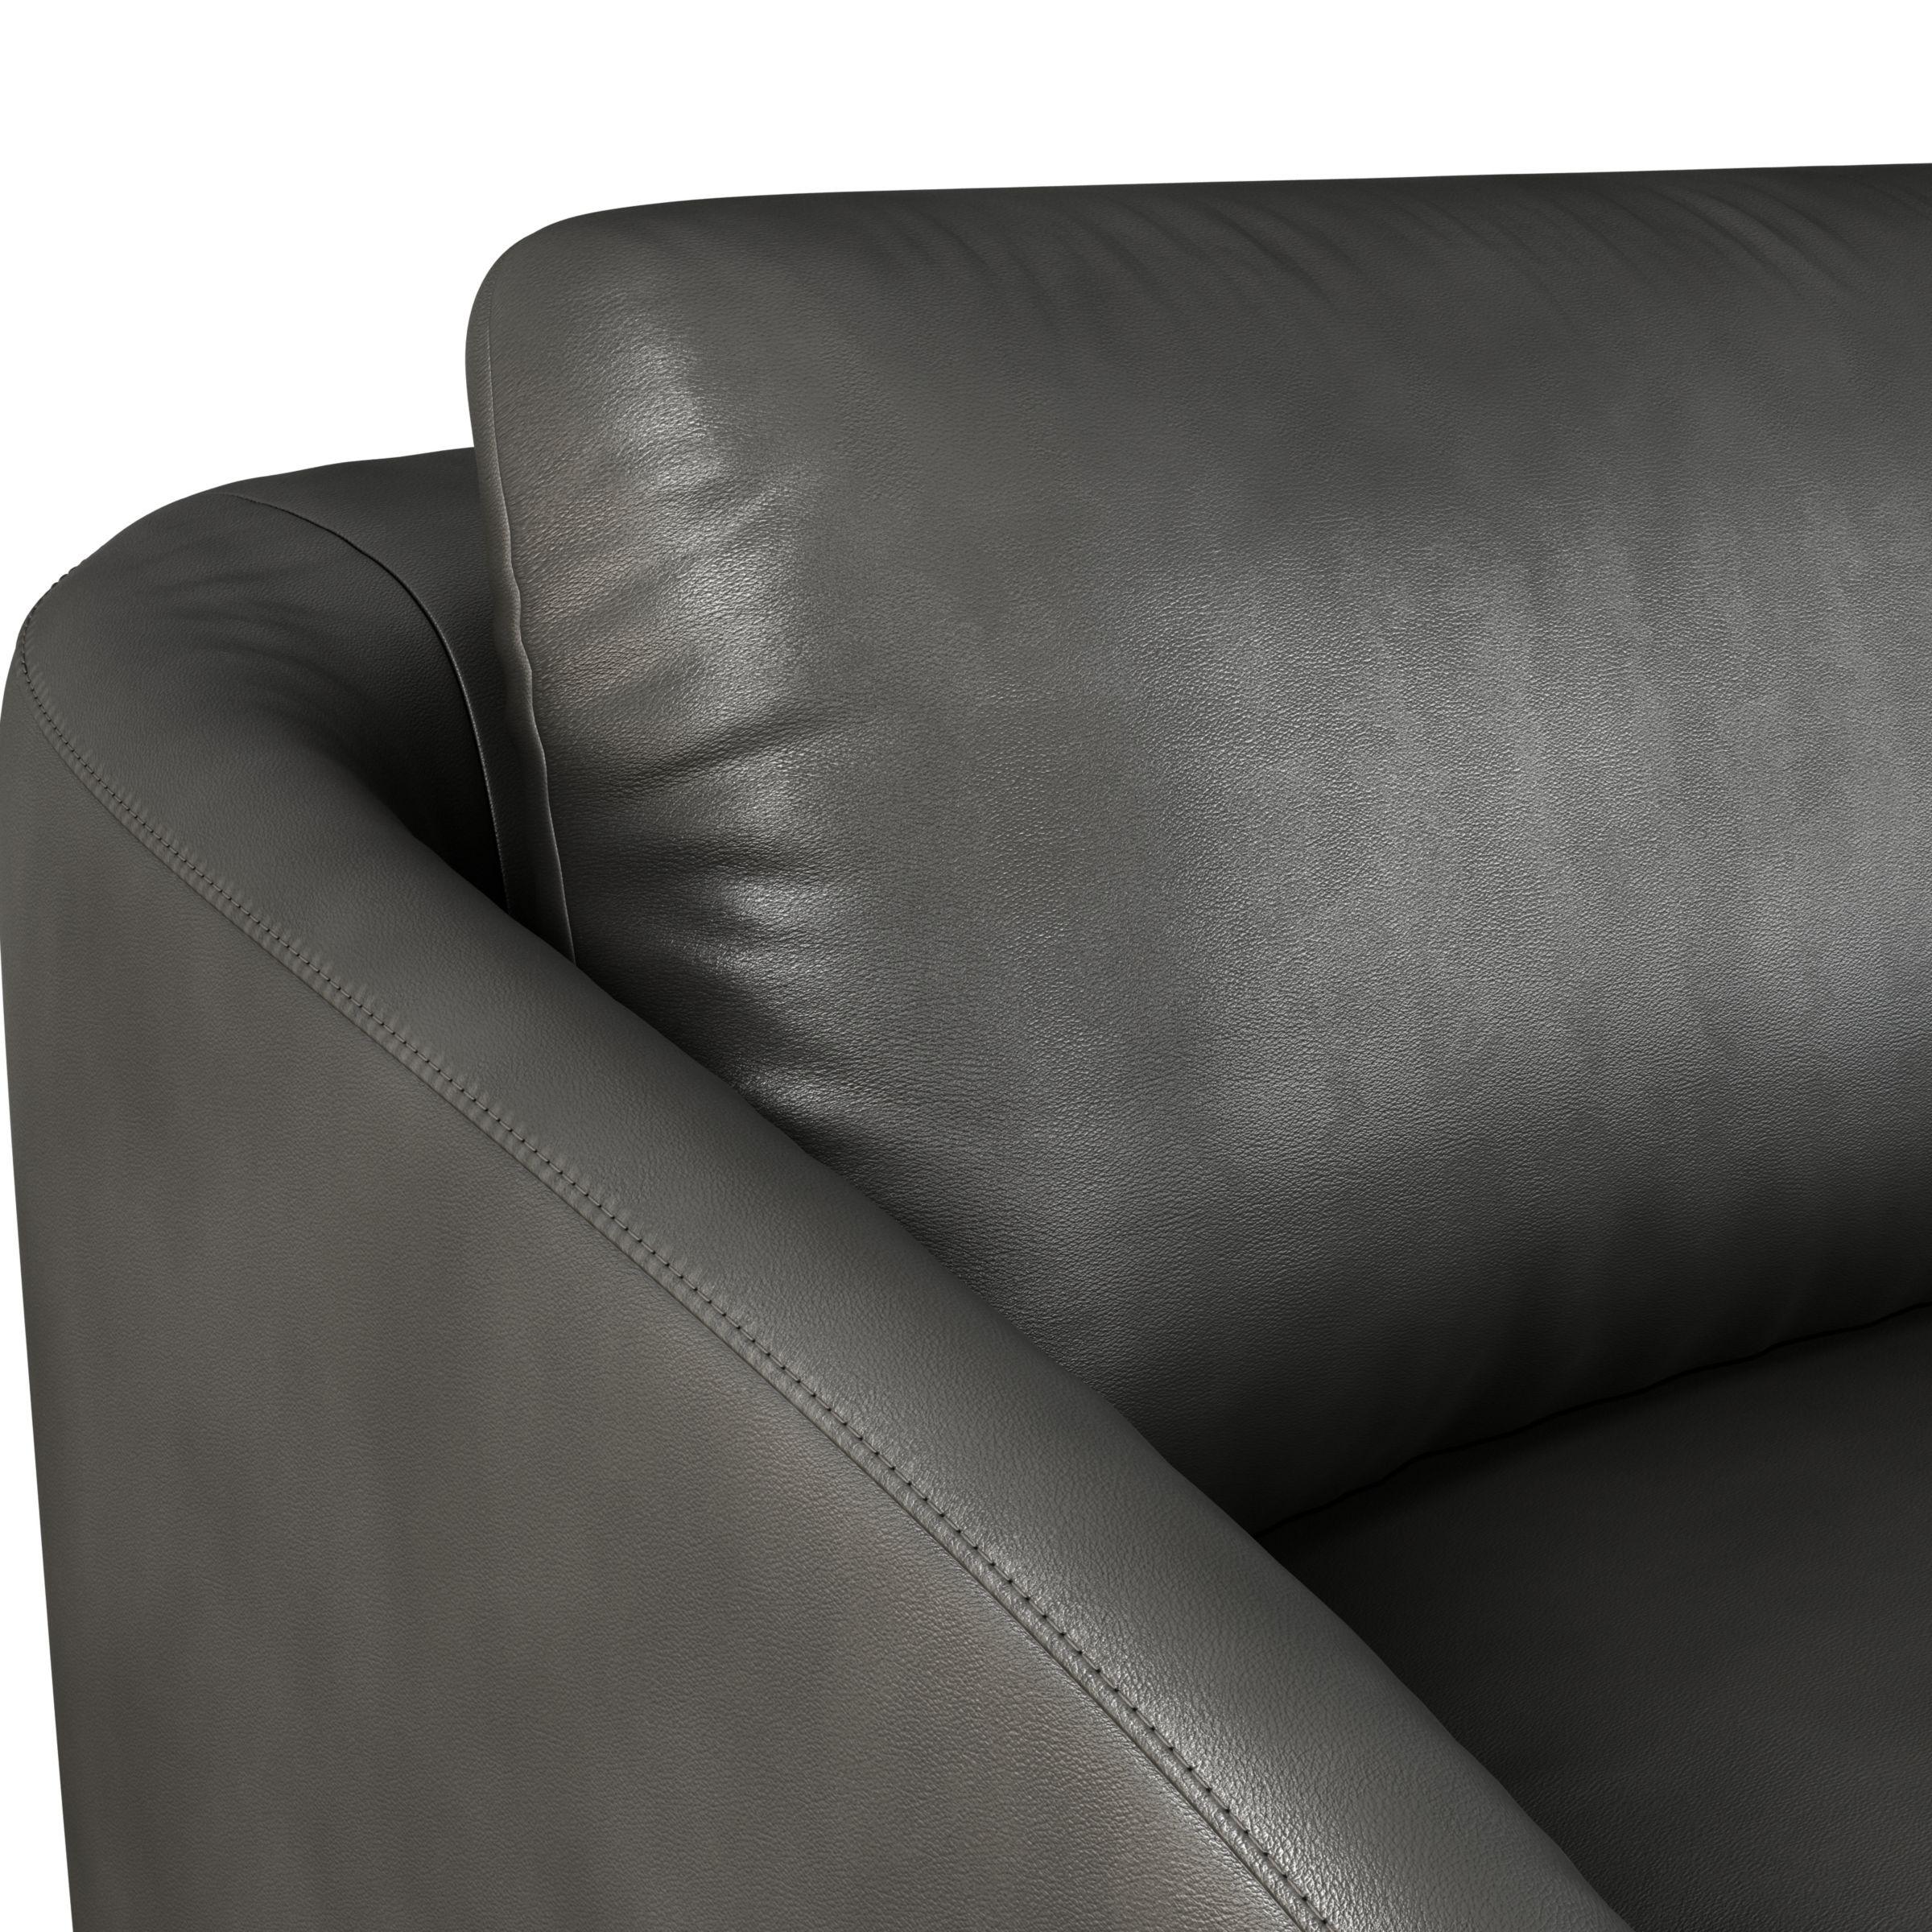 Cape Grand 4 Seater Leather Sofa Dark